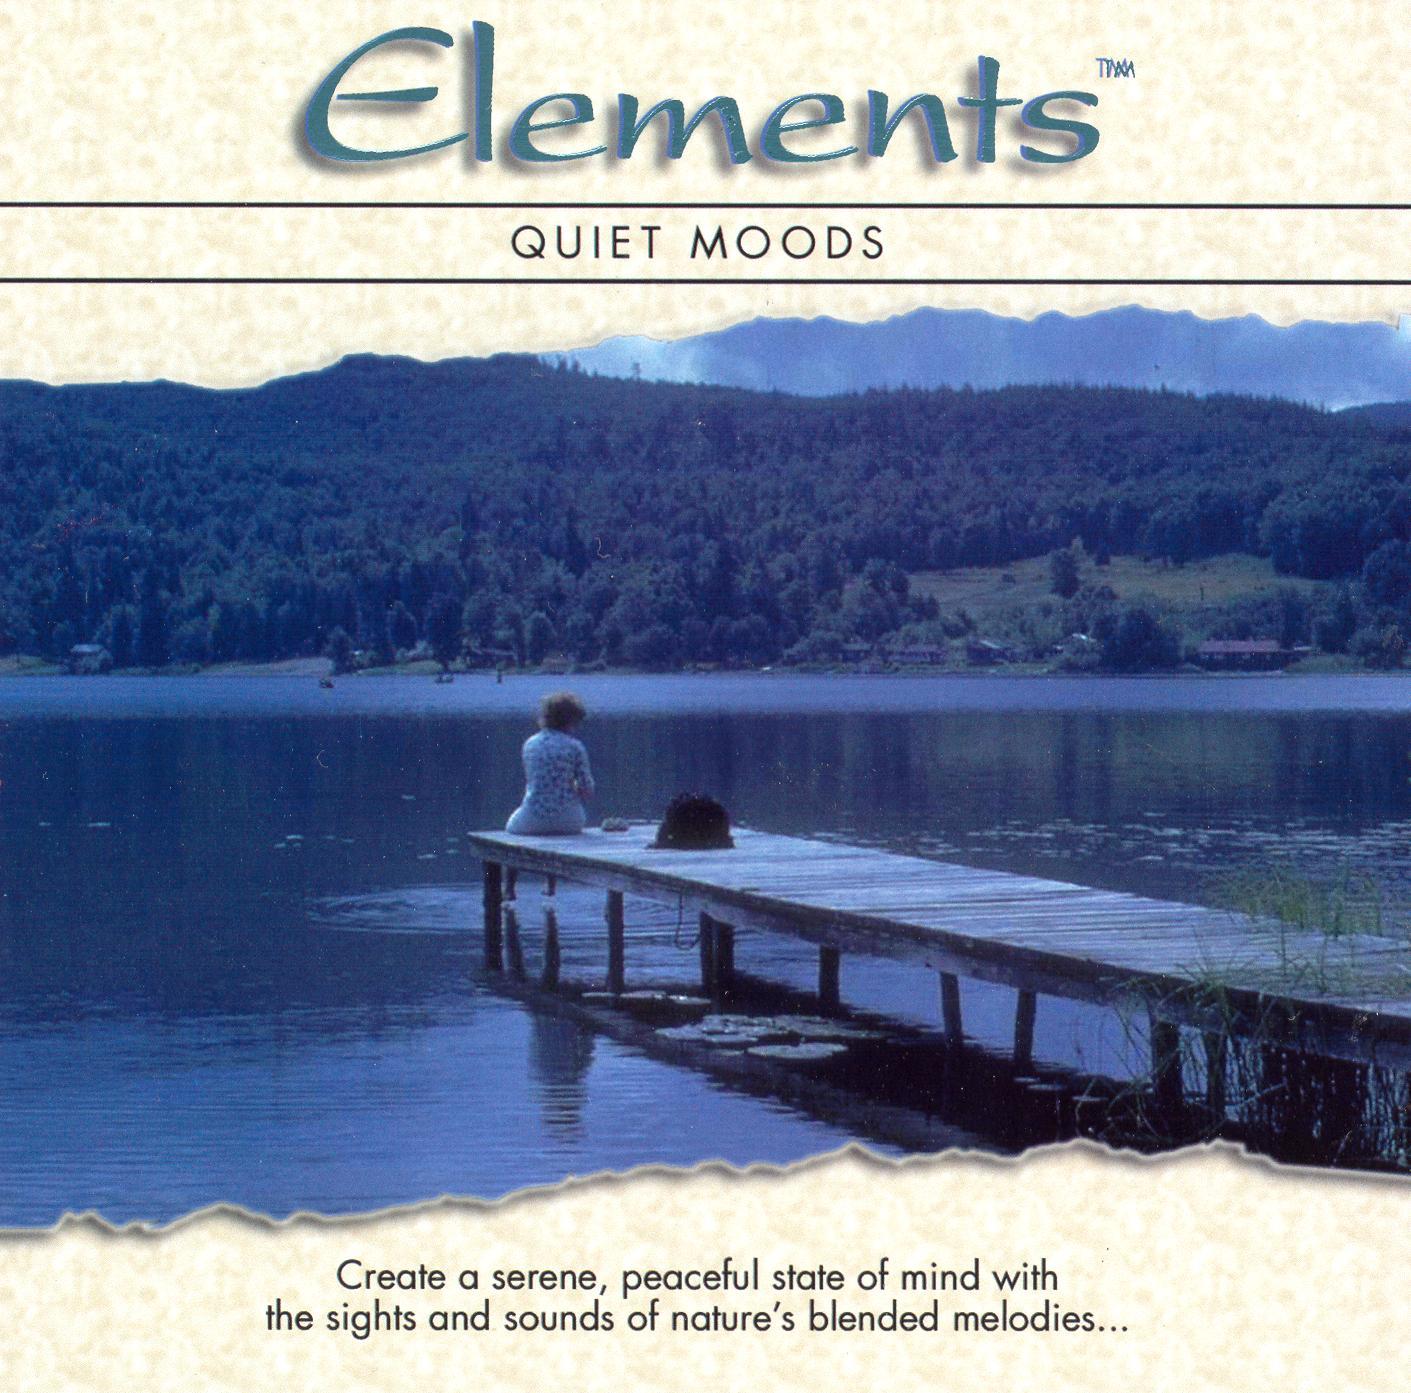 Elements: Quiet Moods